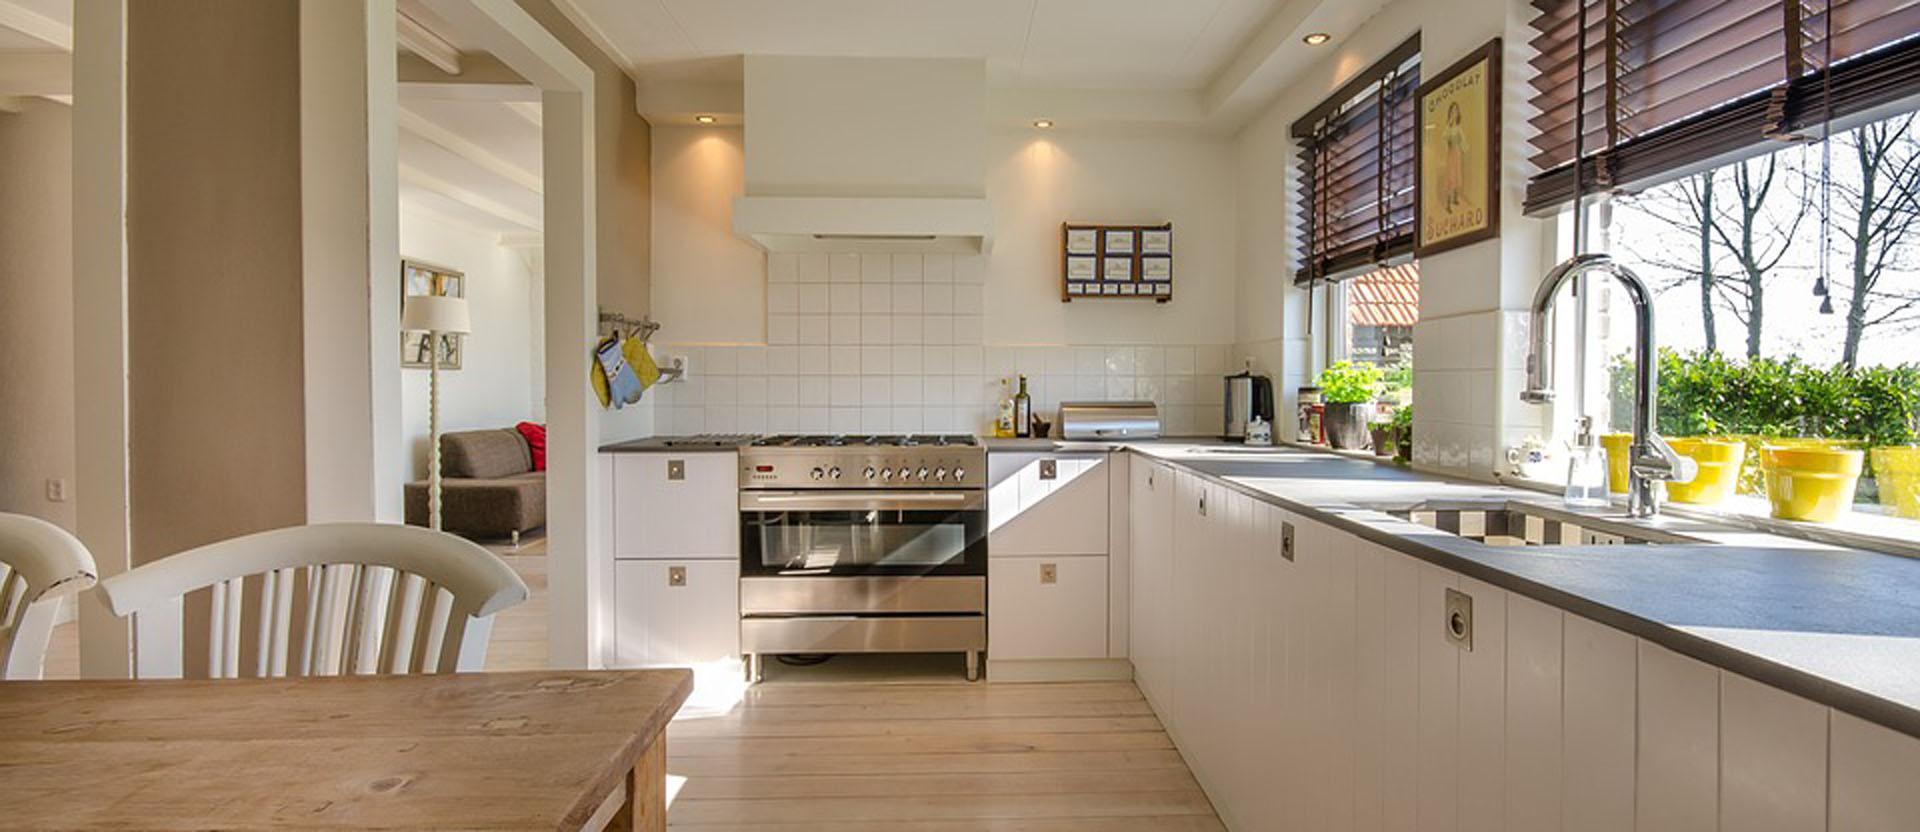 Casa-confort_pulizie di casa udine_z11_cover